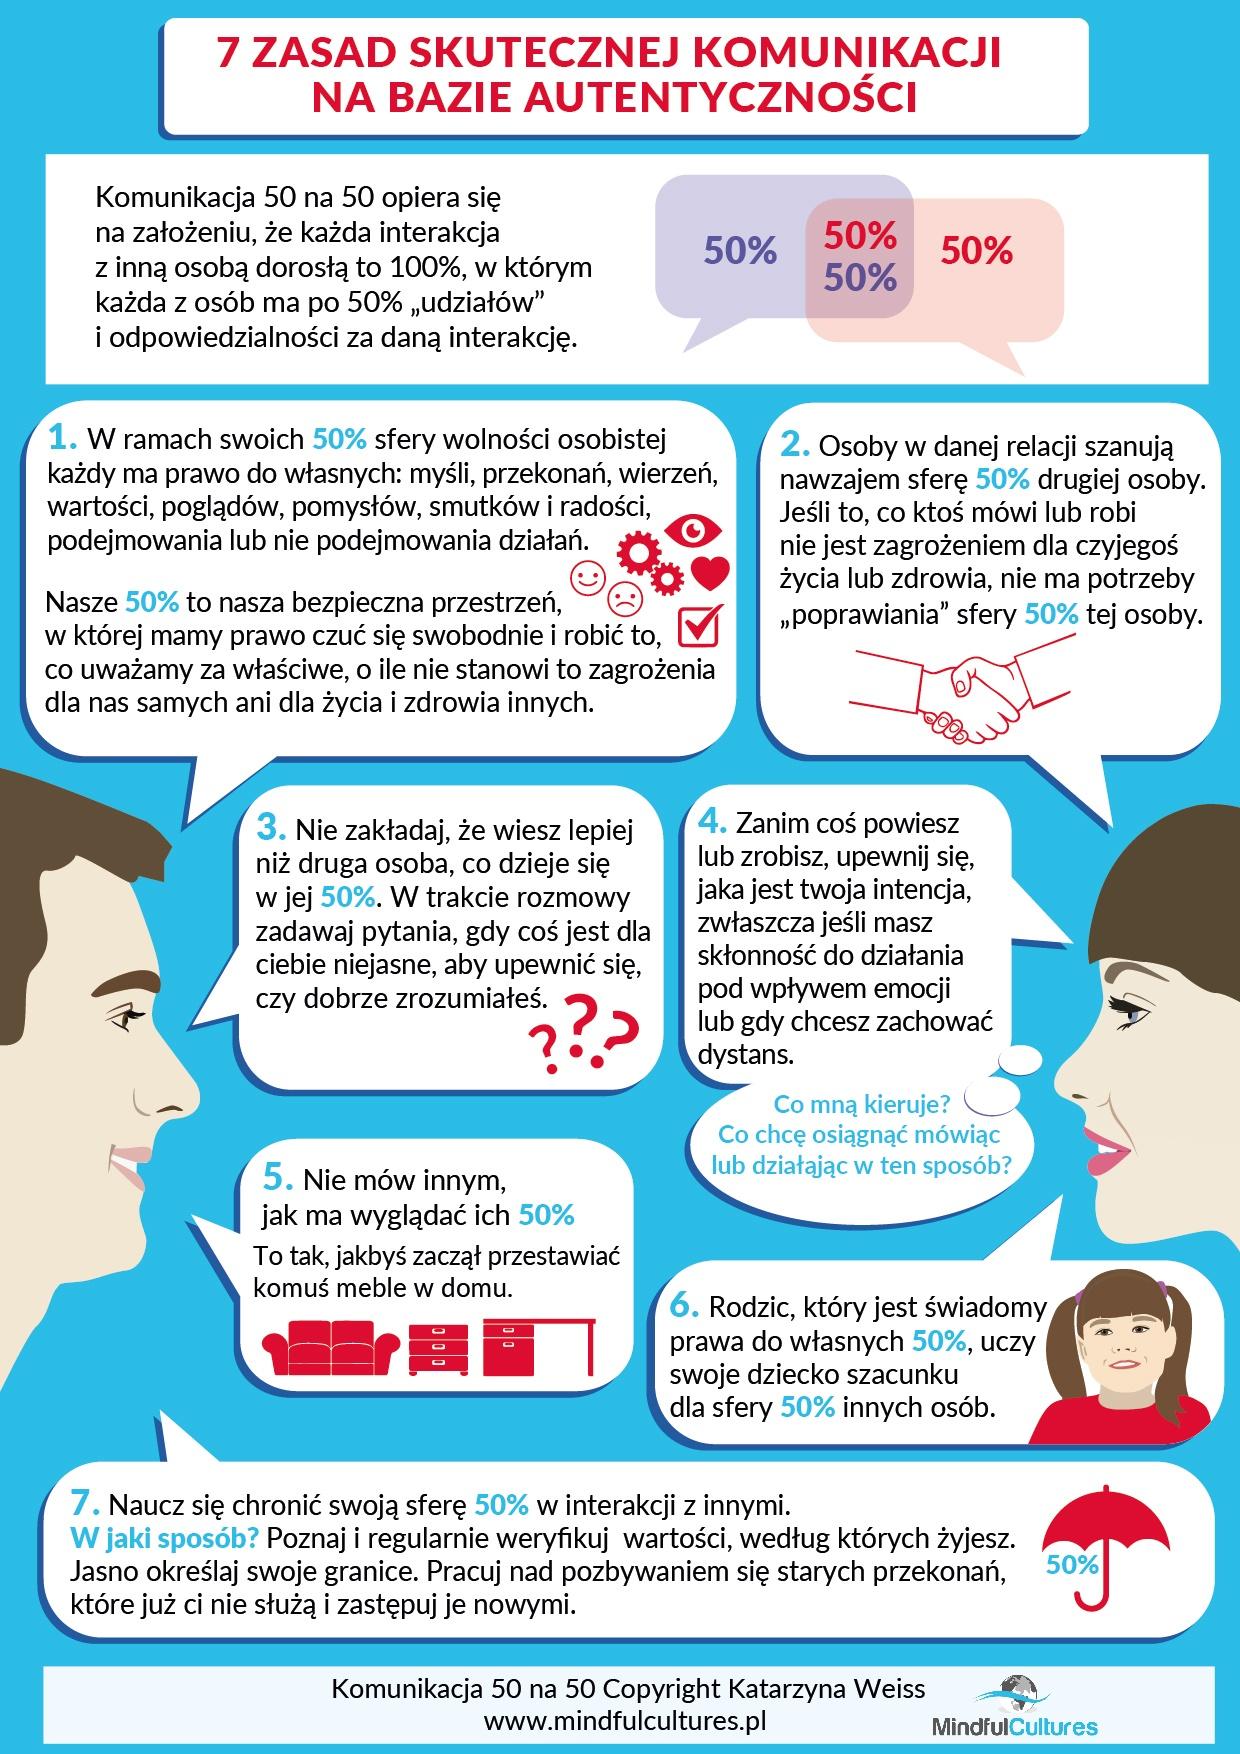 www.mindfulcultures.pl